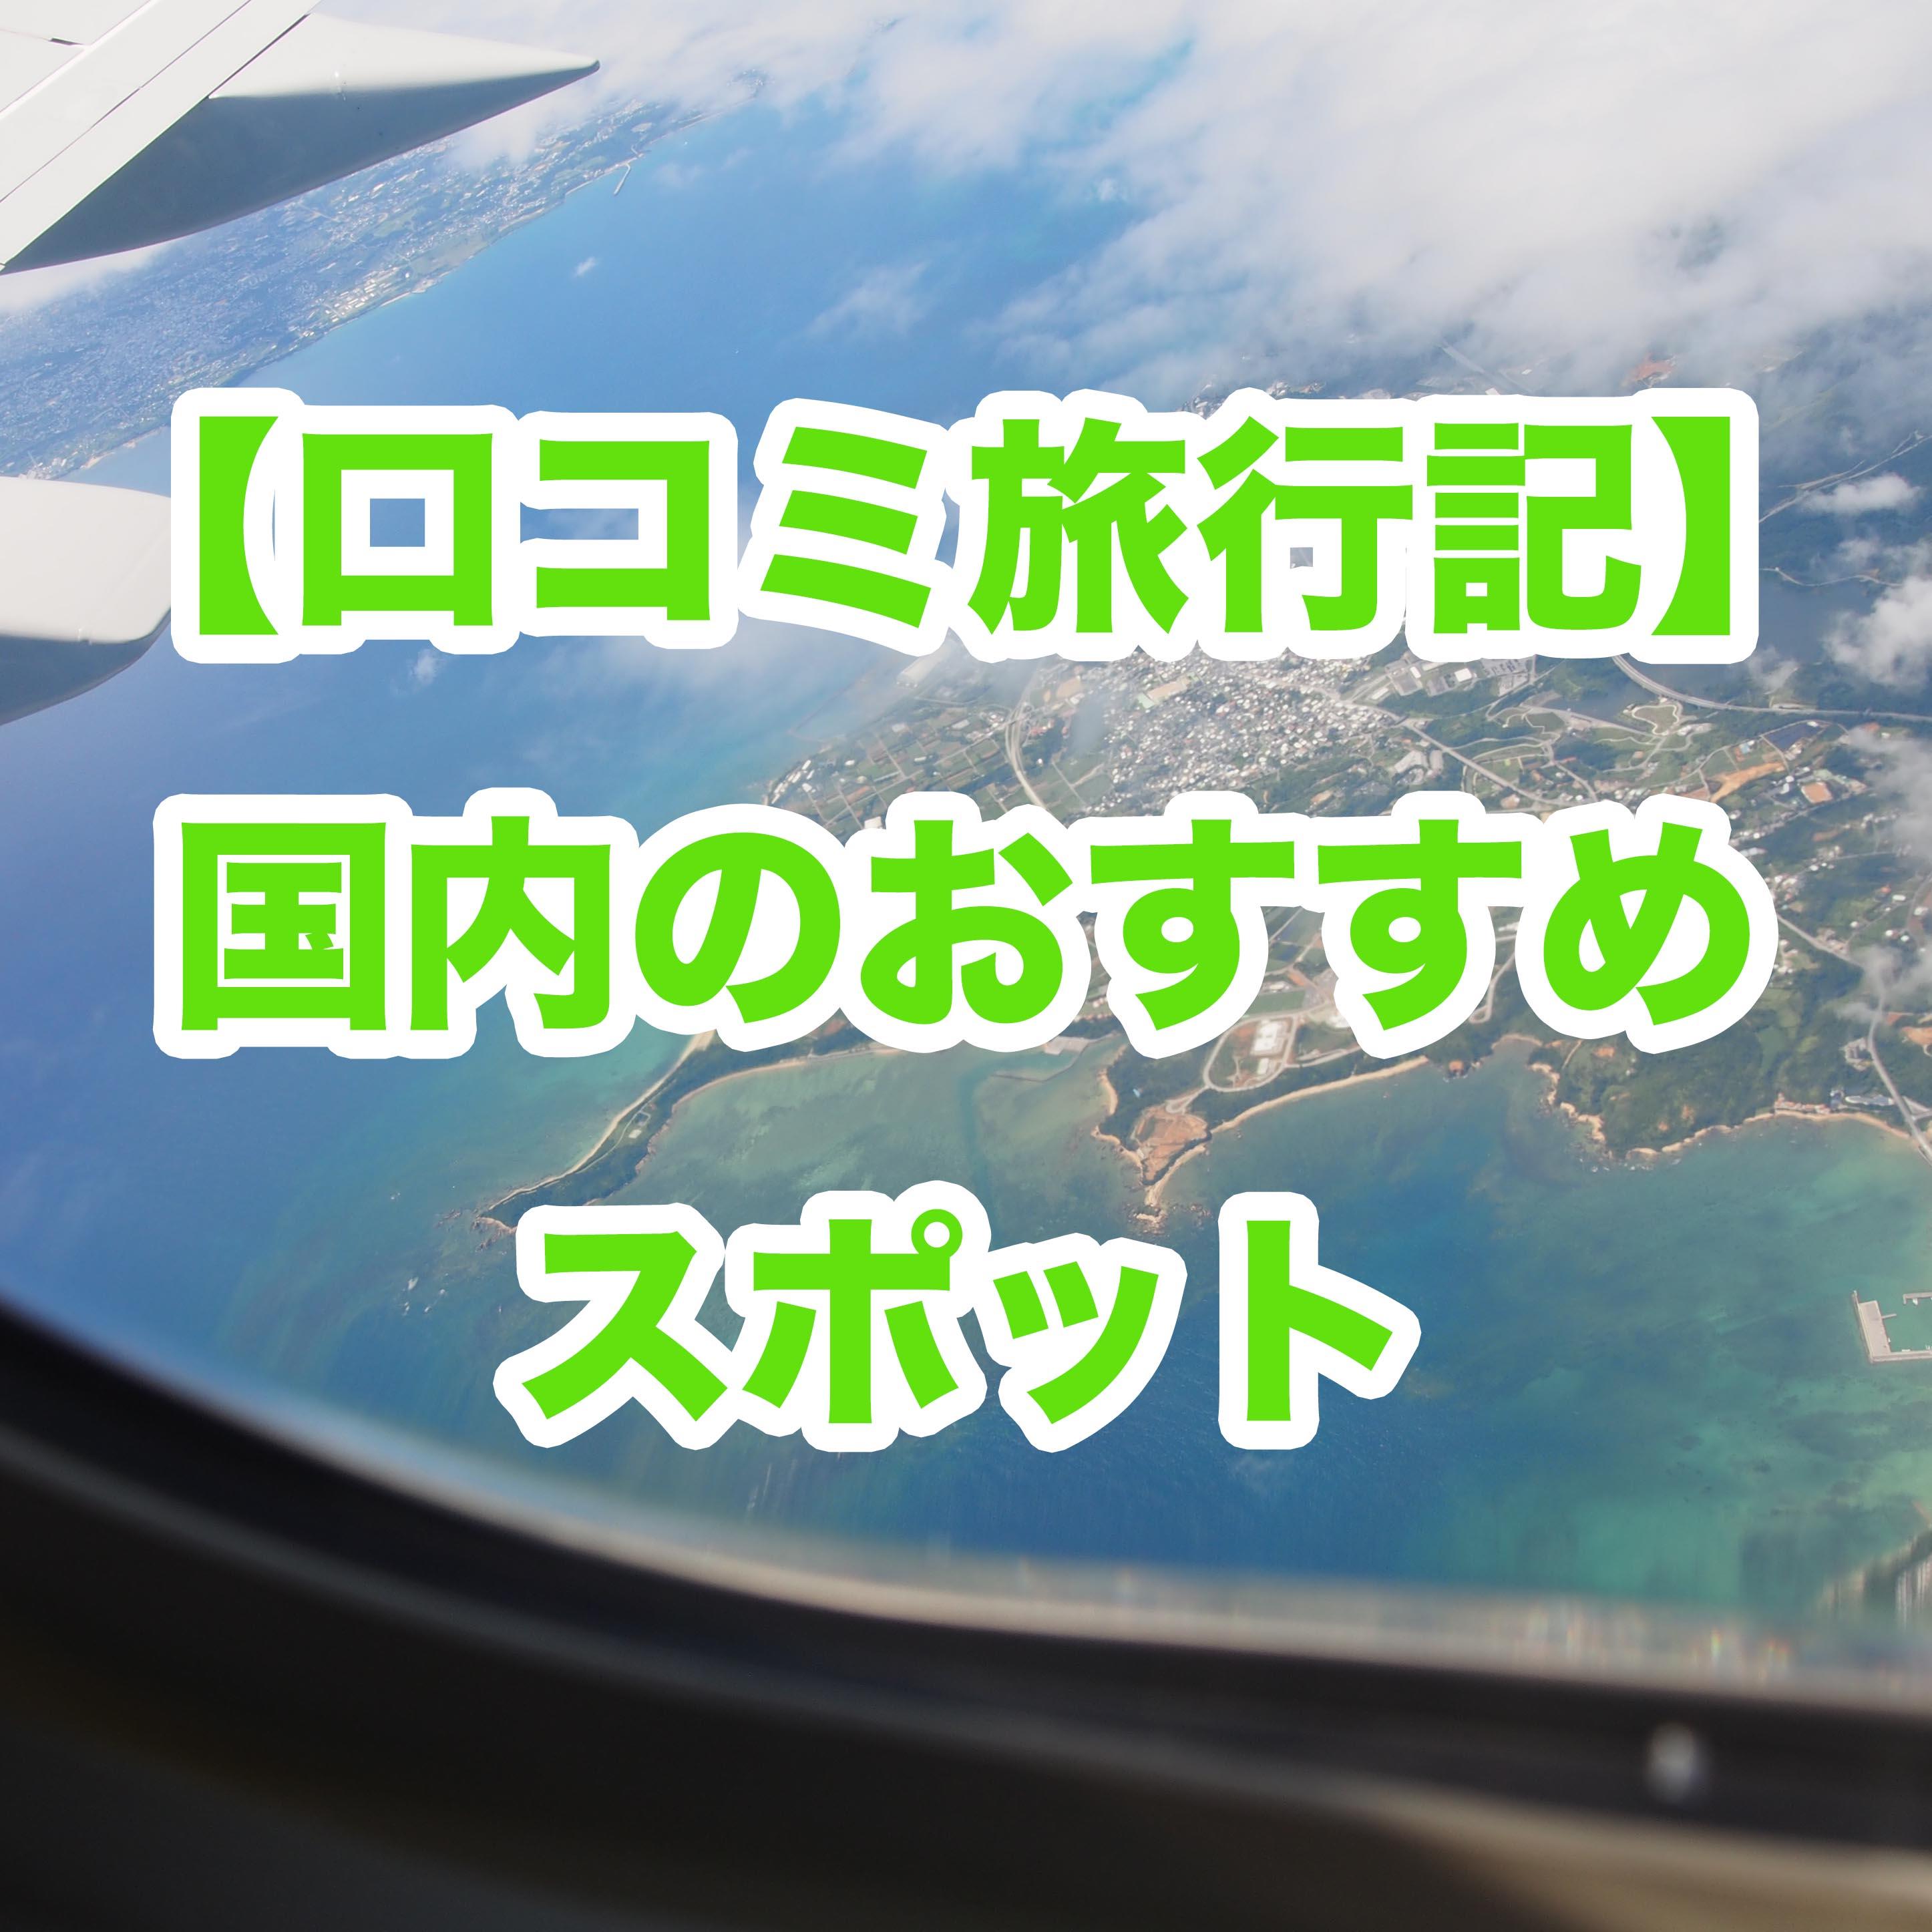 【口コミ旅行記vol.1】知られていない国内のおすすめ旅行スポットについて、旅行通の4名に聞いてみました!